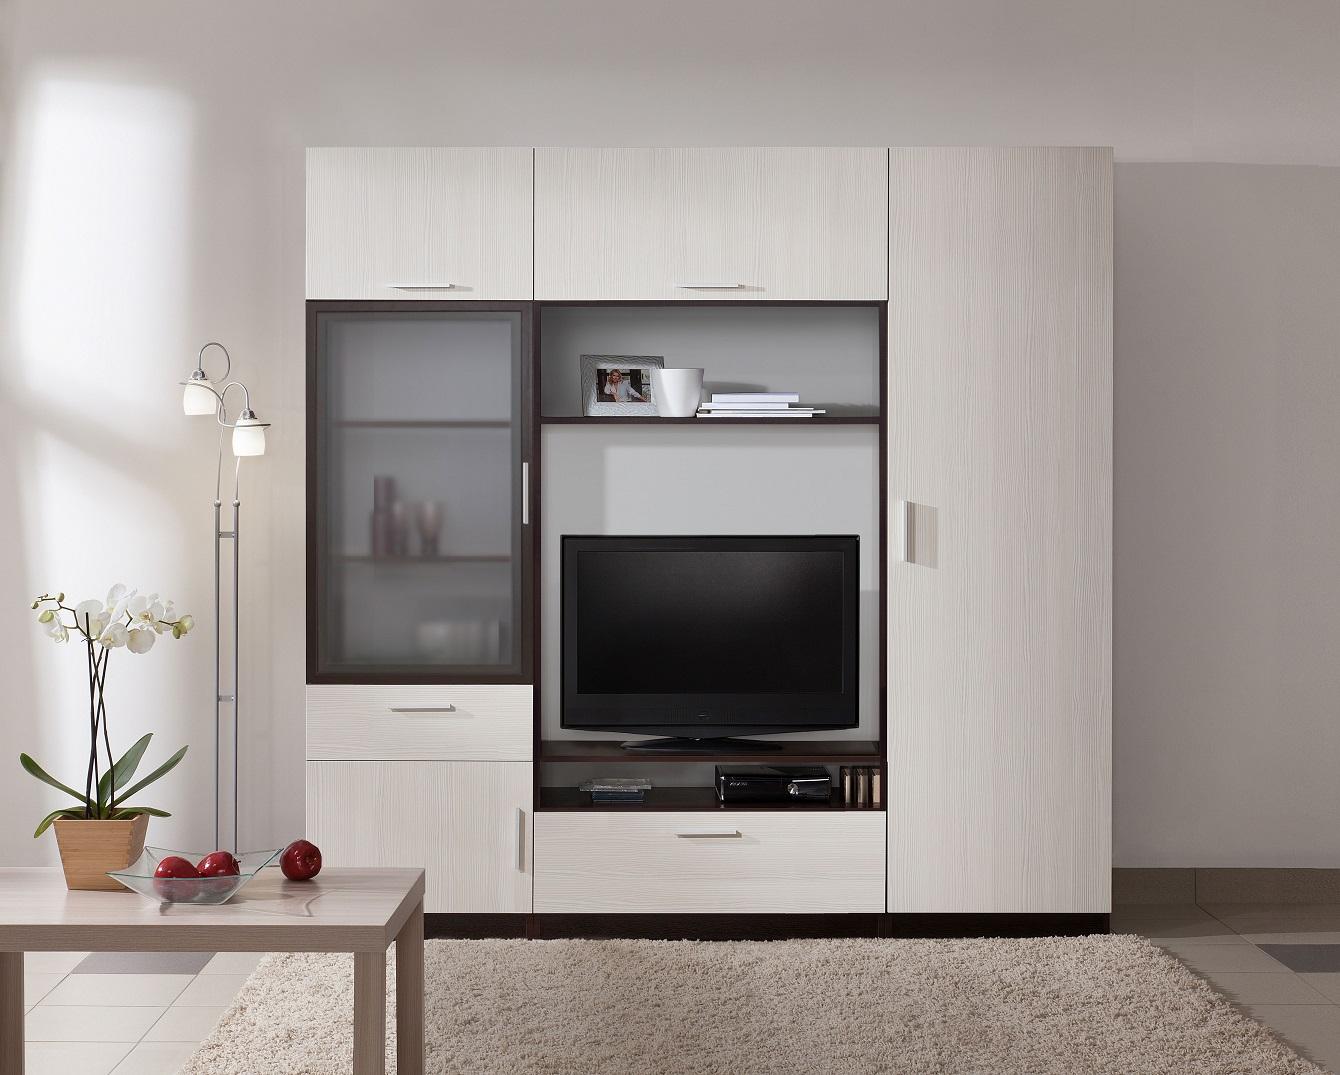 Шкаф в гостиную — обзор современных моделей и новинок дизайна. Примеры идеального размещения в интерьере